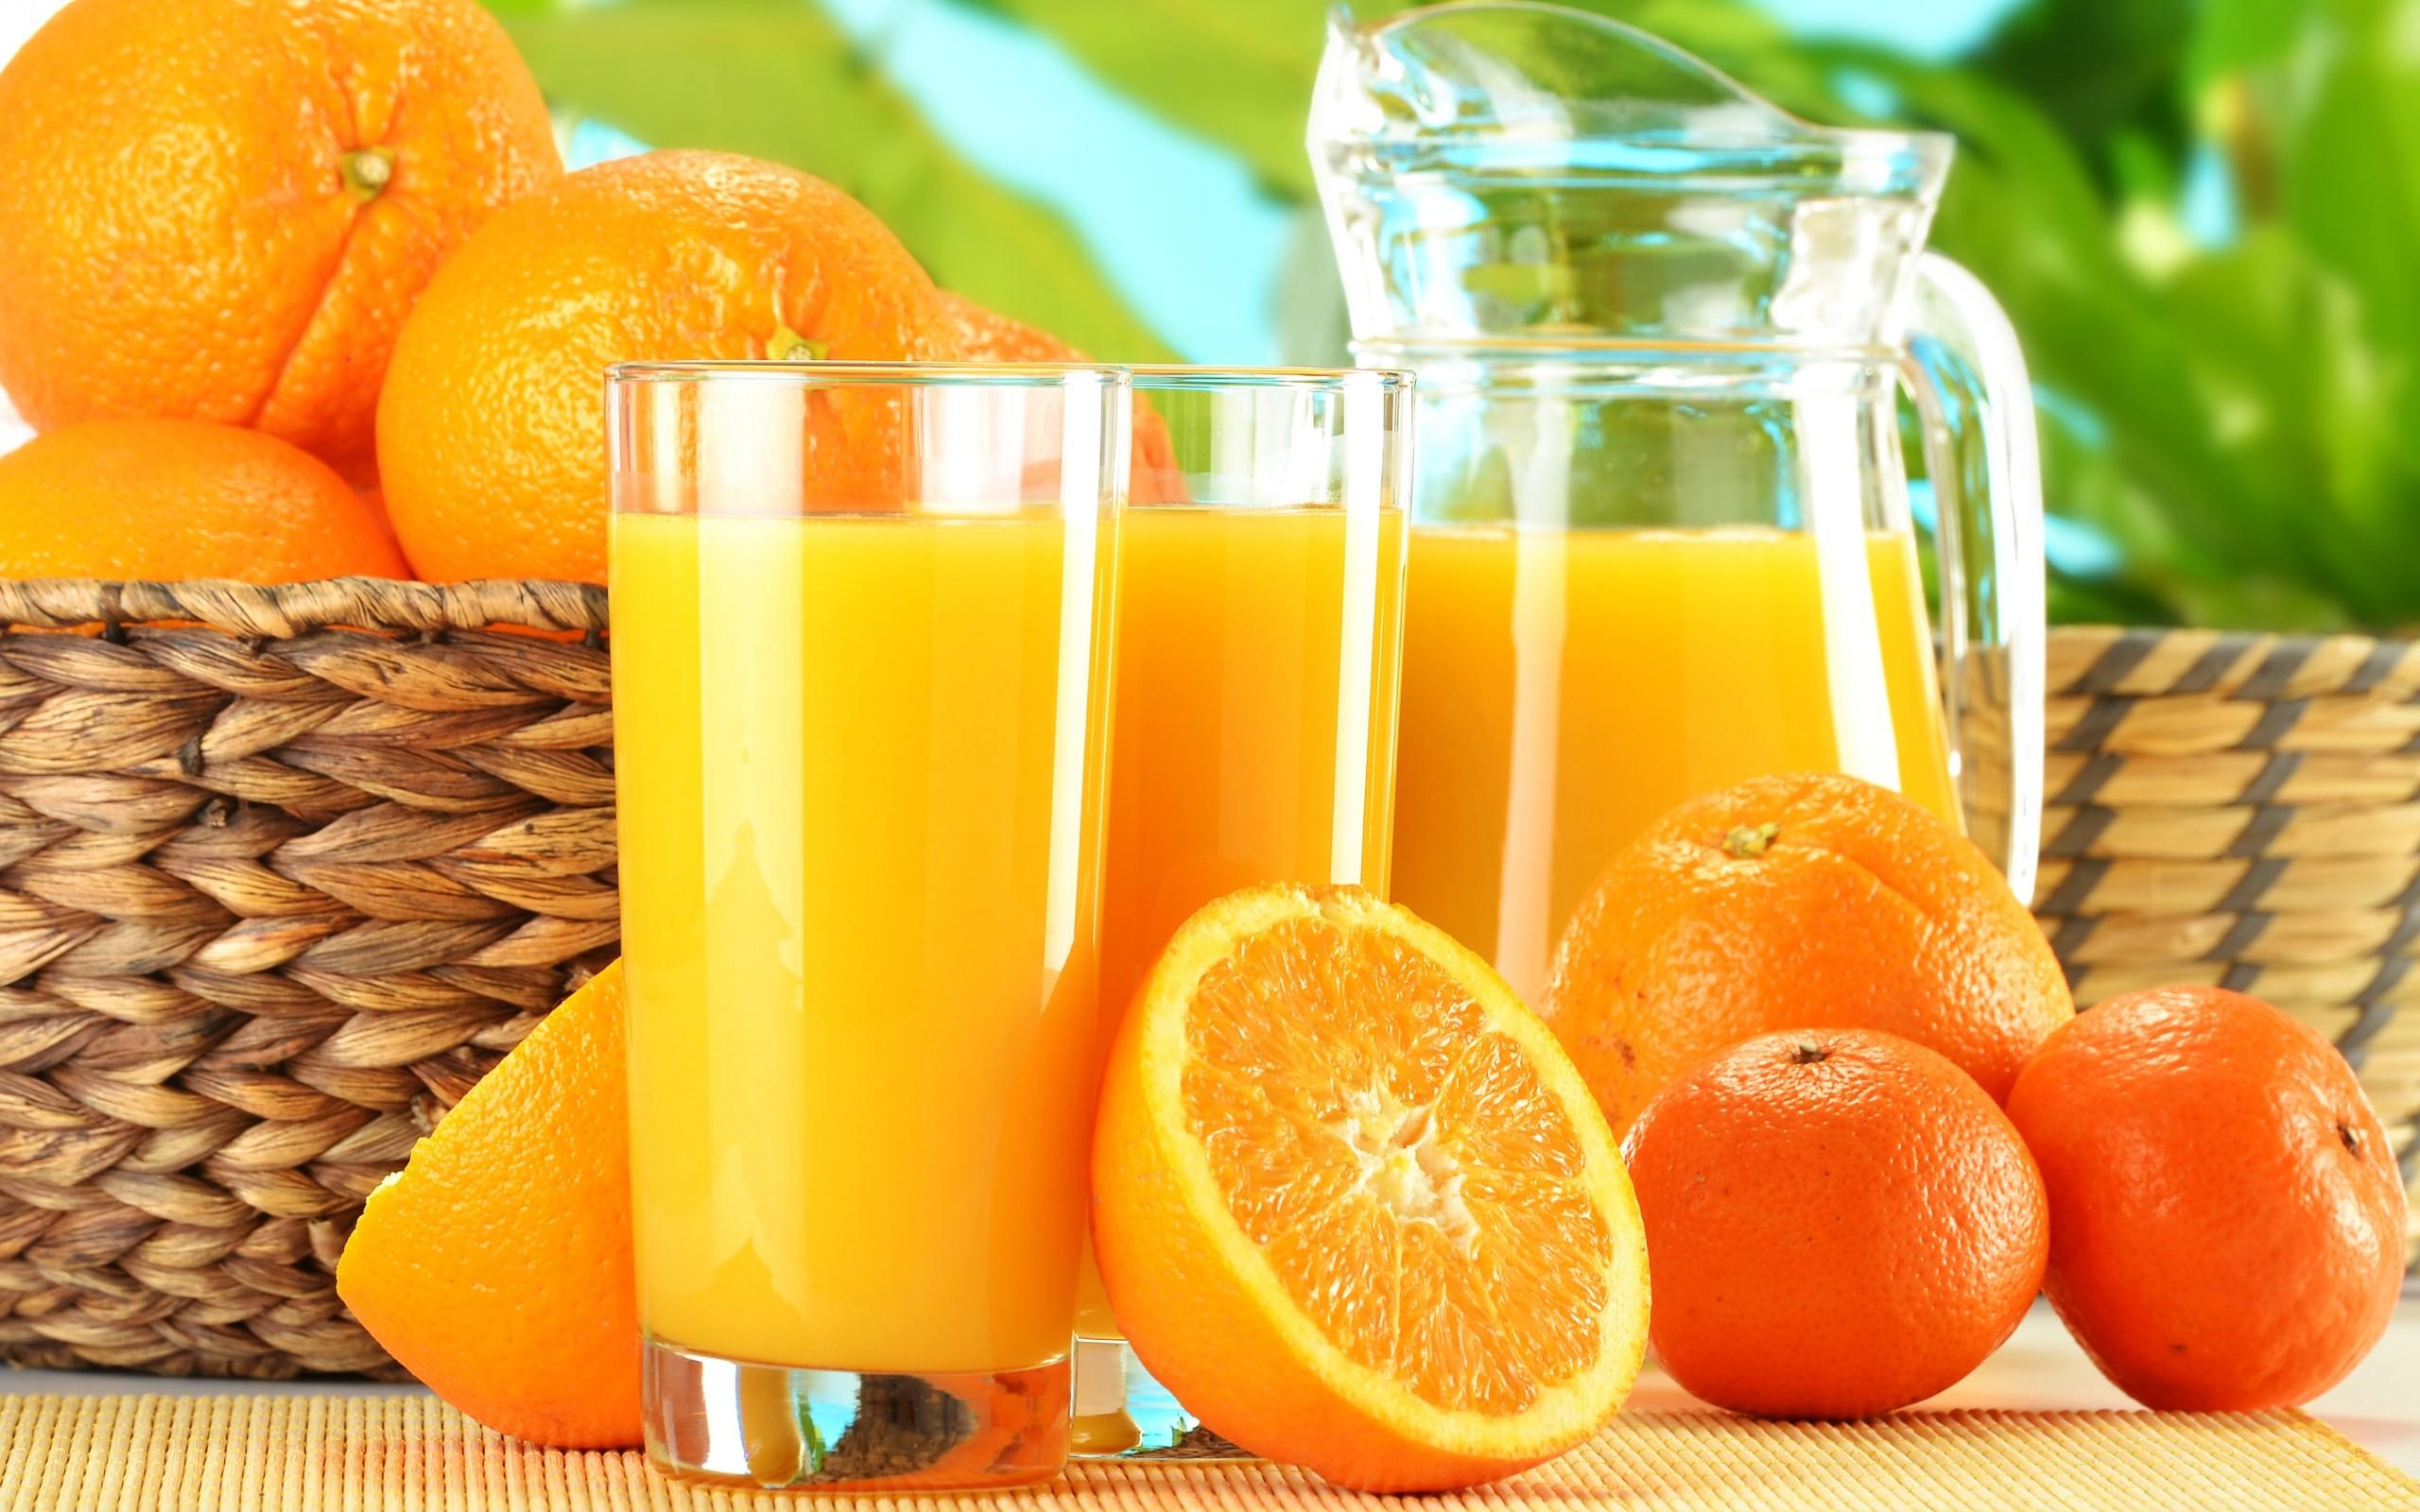 خاصیت آب پرتقال در بهبود عملکرد مغز سالمندان